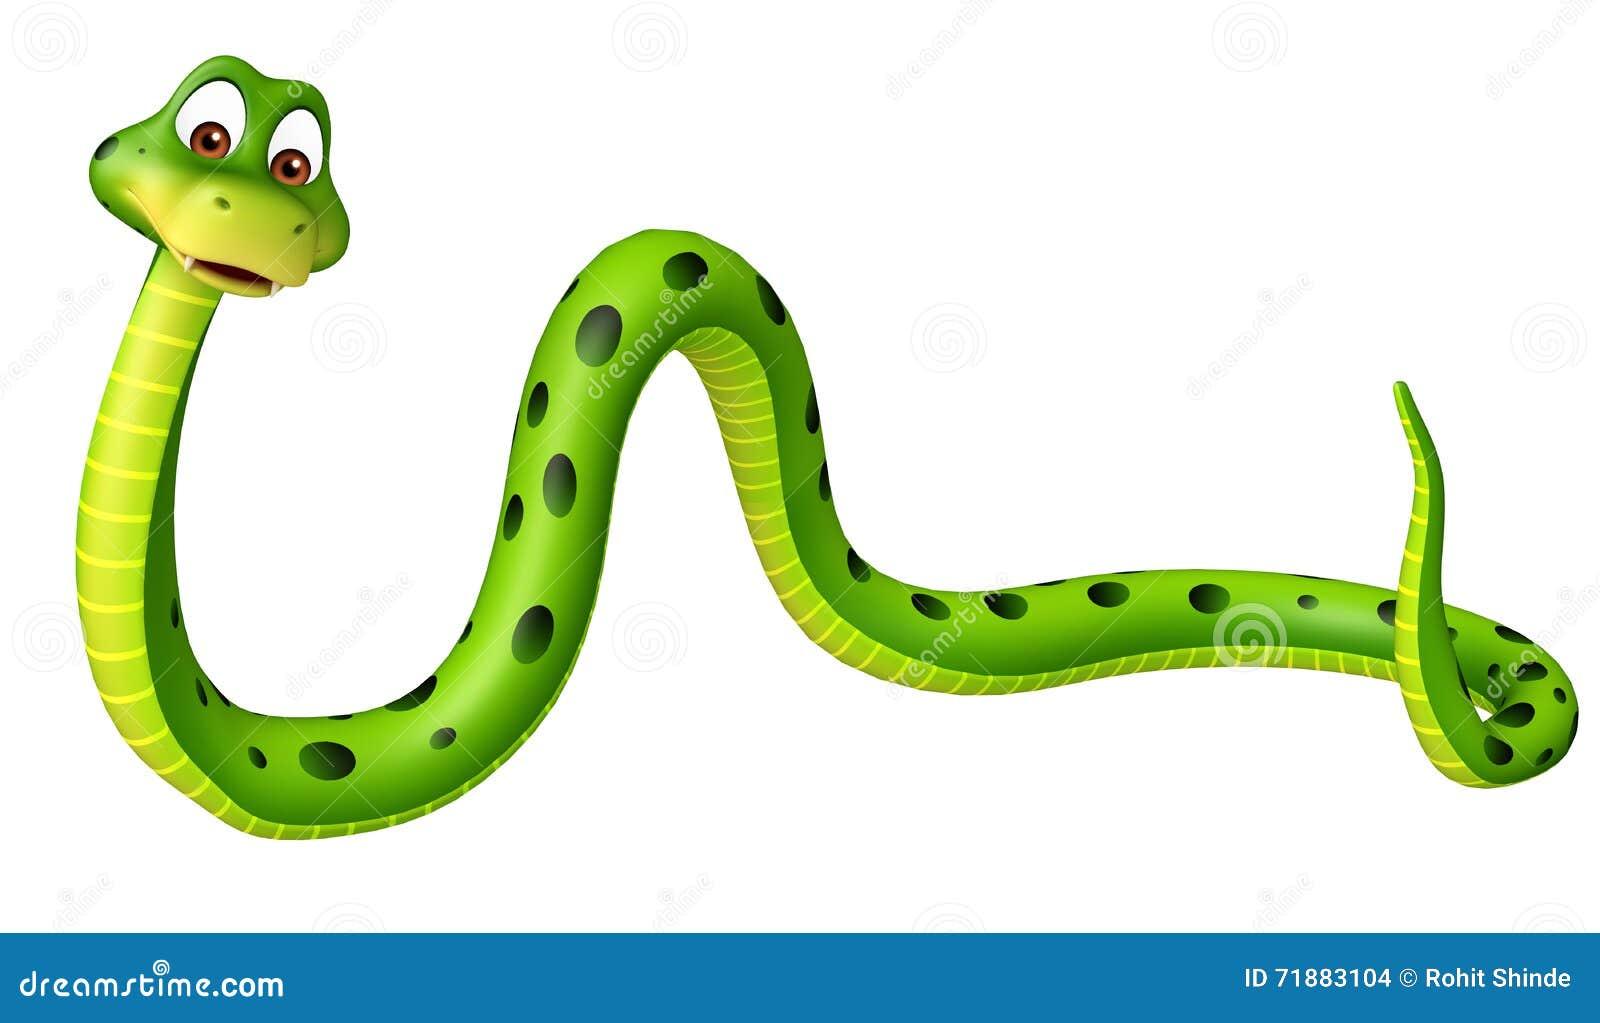 personaje de dibujos animados divertido de la serpiente stock de